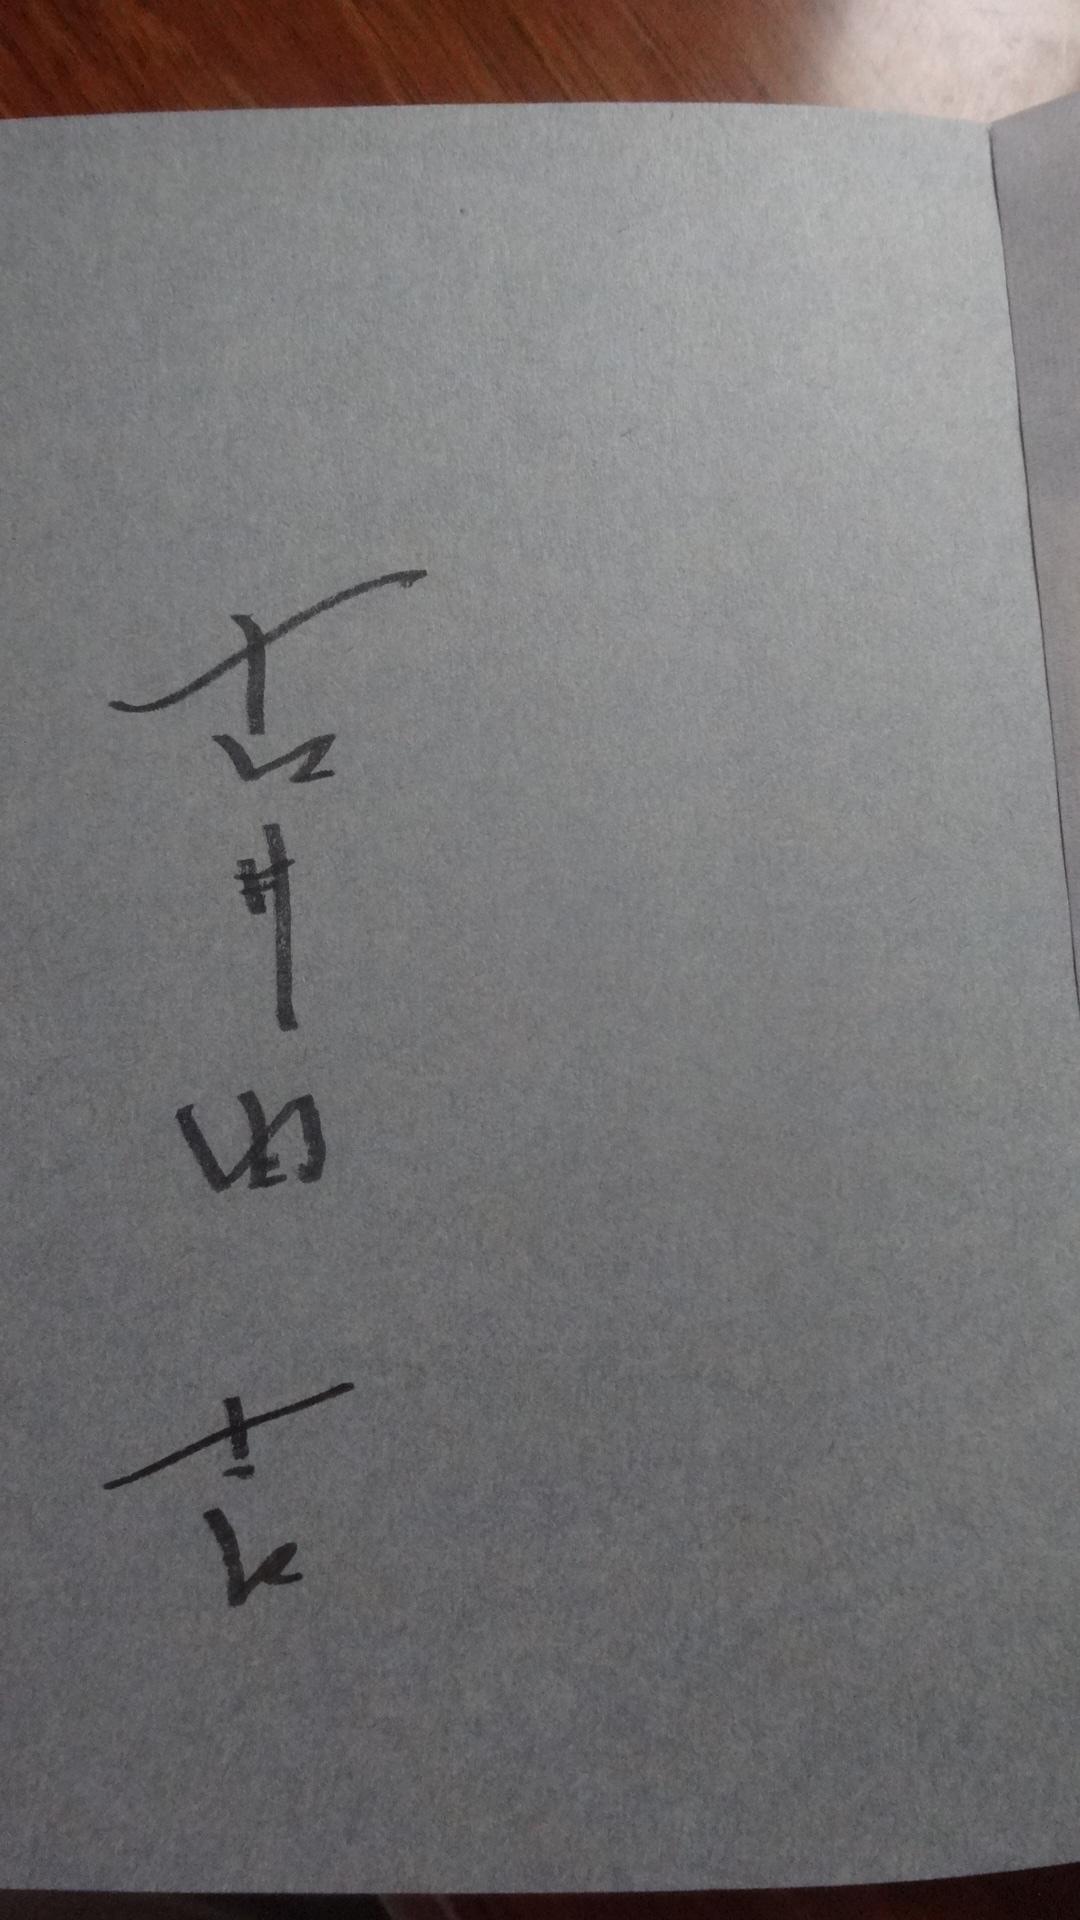 いただいた古井さんのサイン